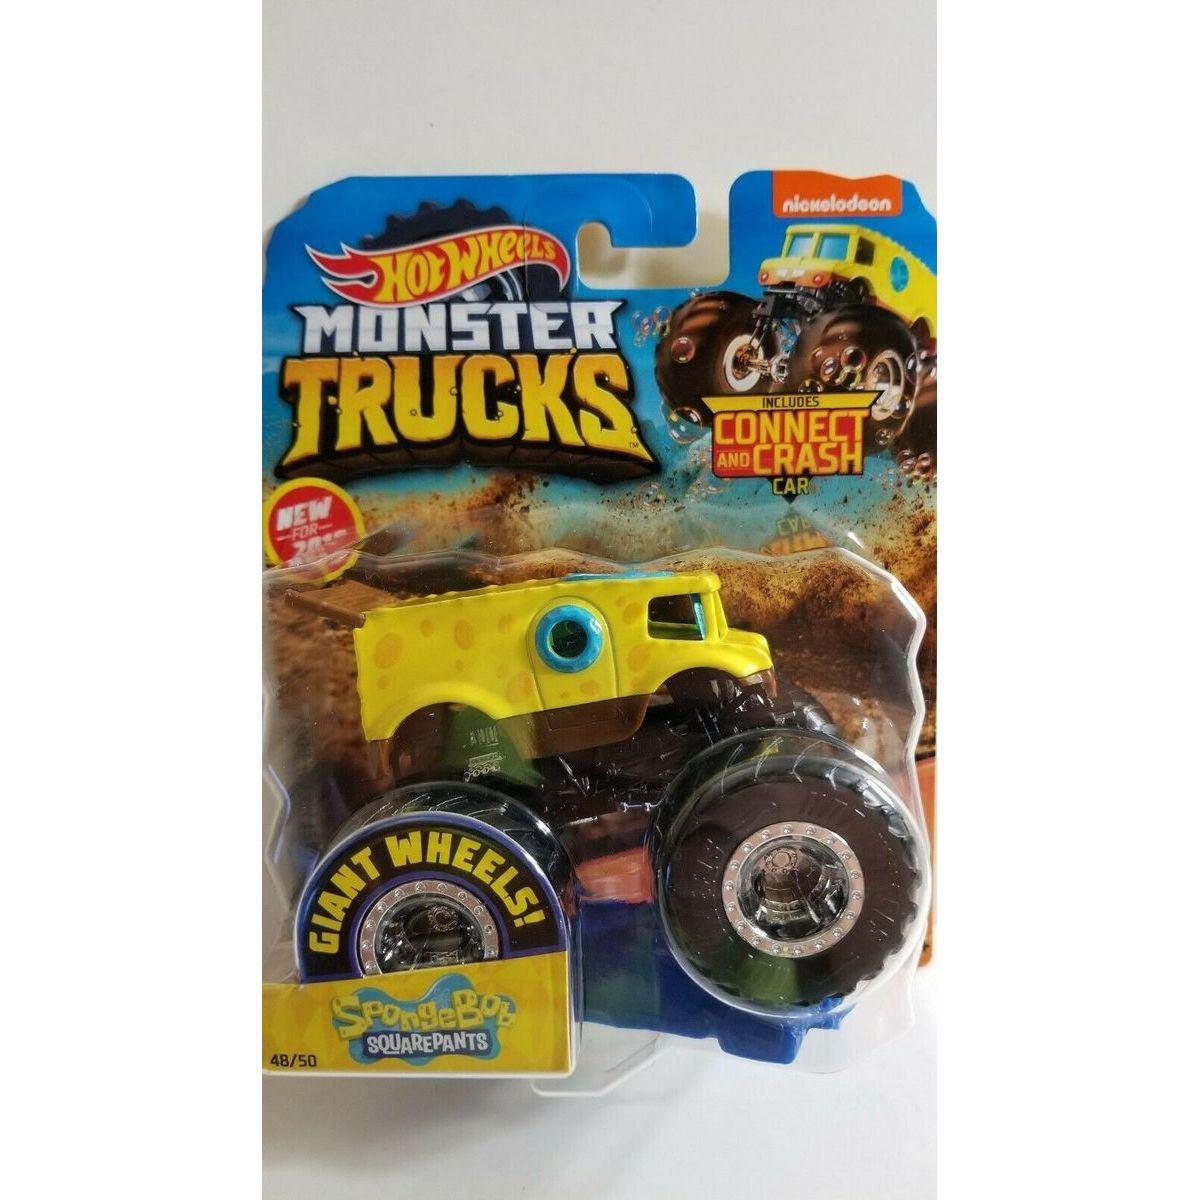 Hot Wheels Monster trucks kaskadérské kousky Spongebog Squarepants